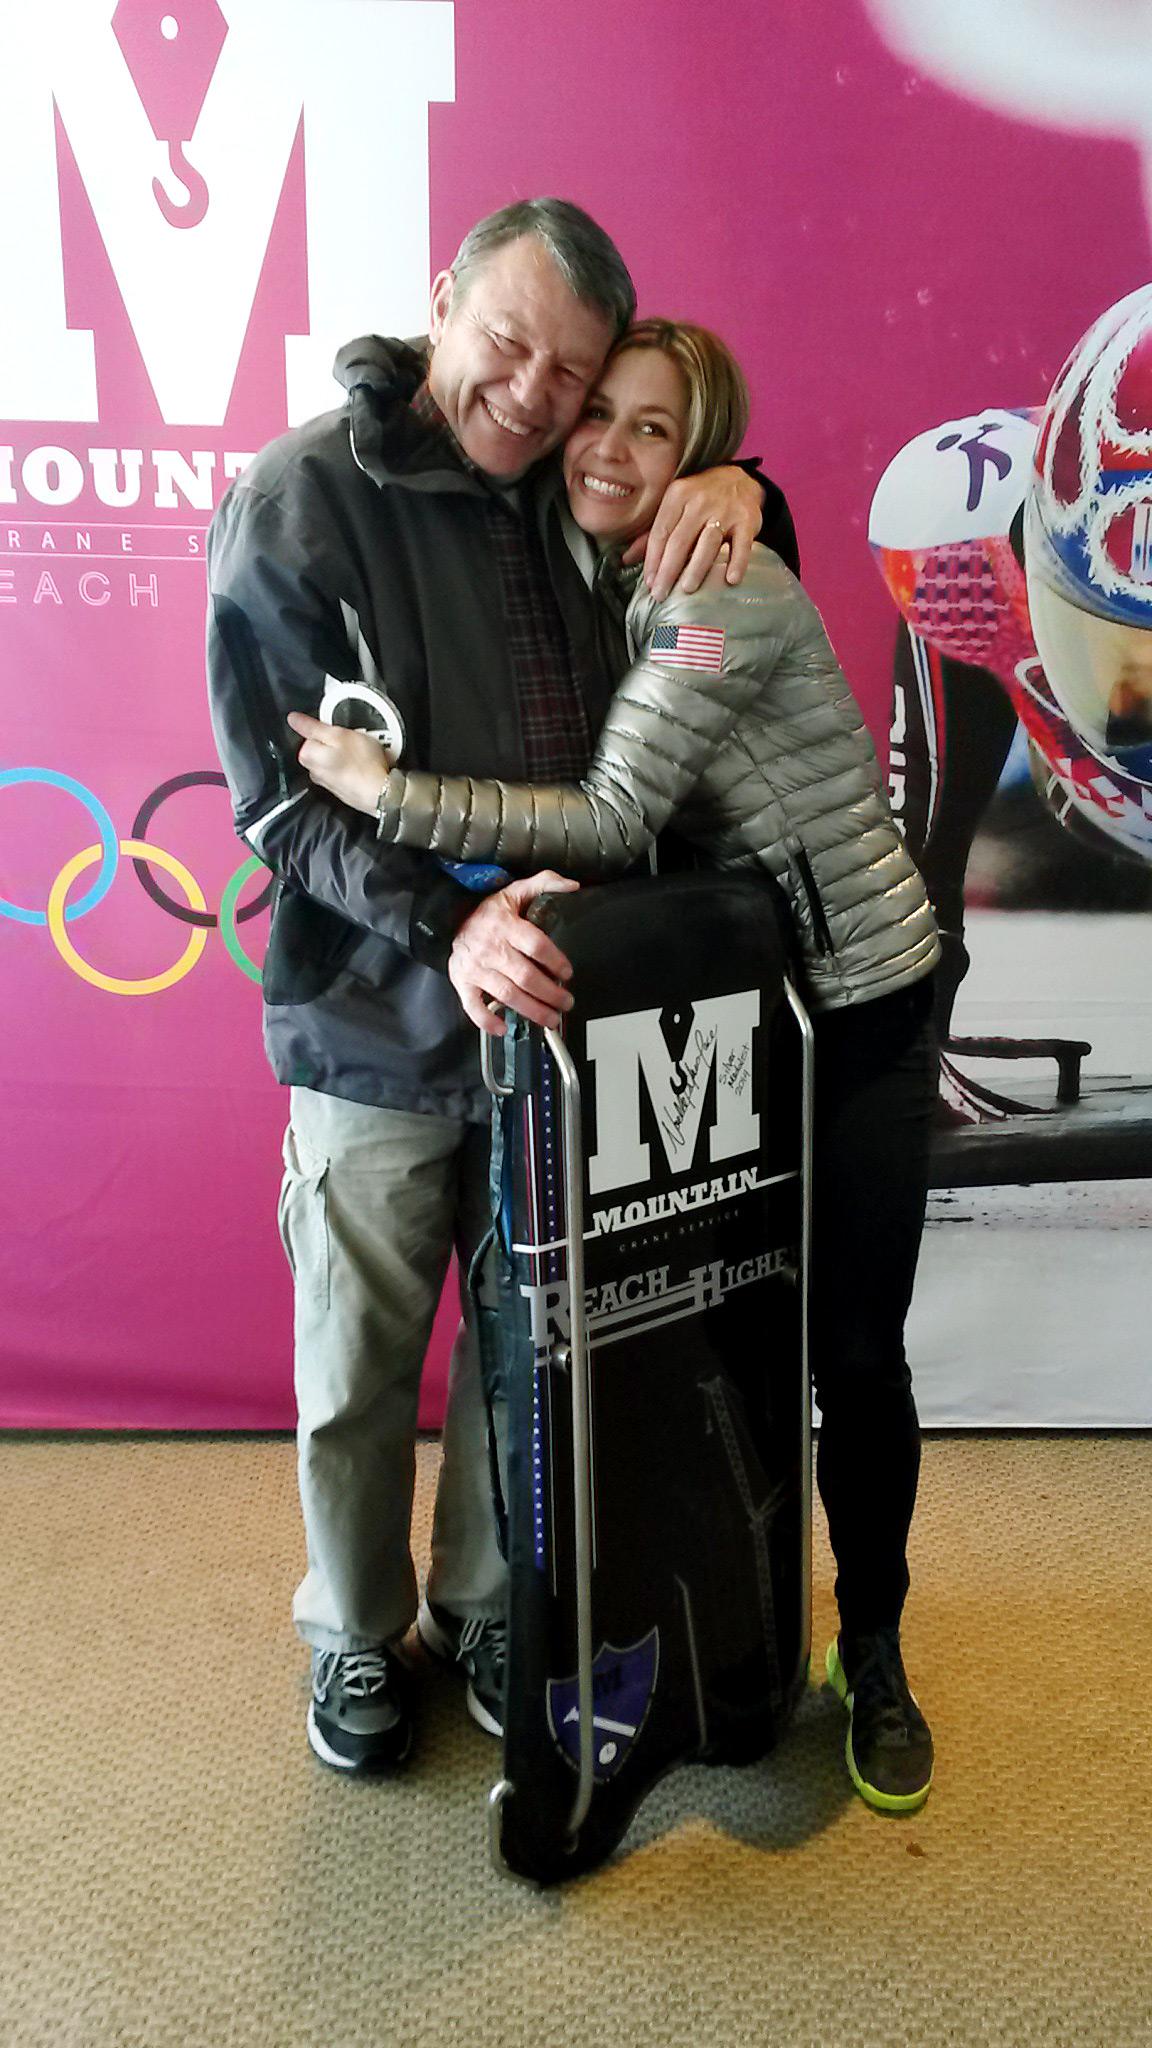 Noelle Pikus-Pace, 2014 Olympic silver medalist in skeleton